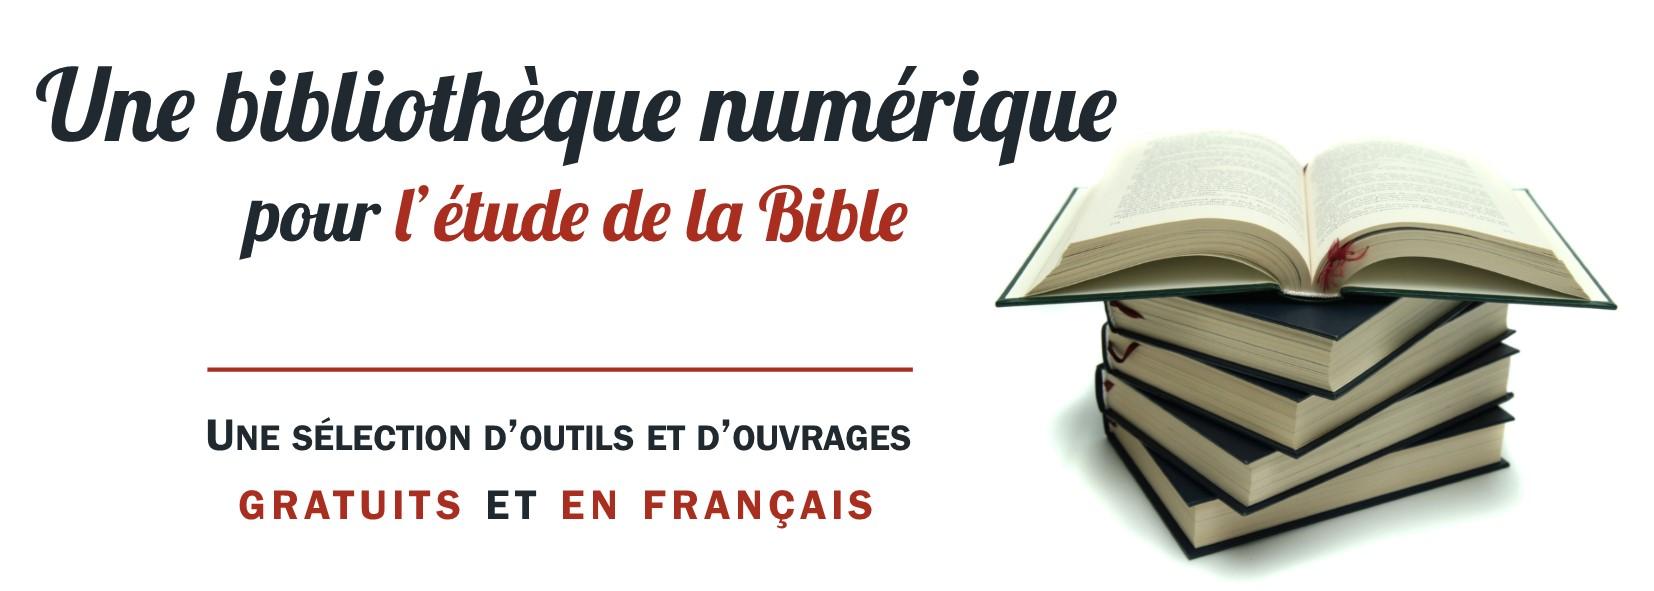 Biblioth Ef Bf Bdque Num Ef Bf Bdrique De La Ville De Paris